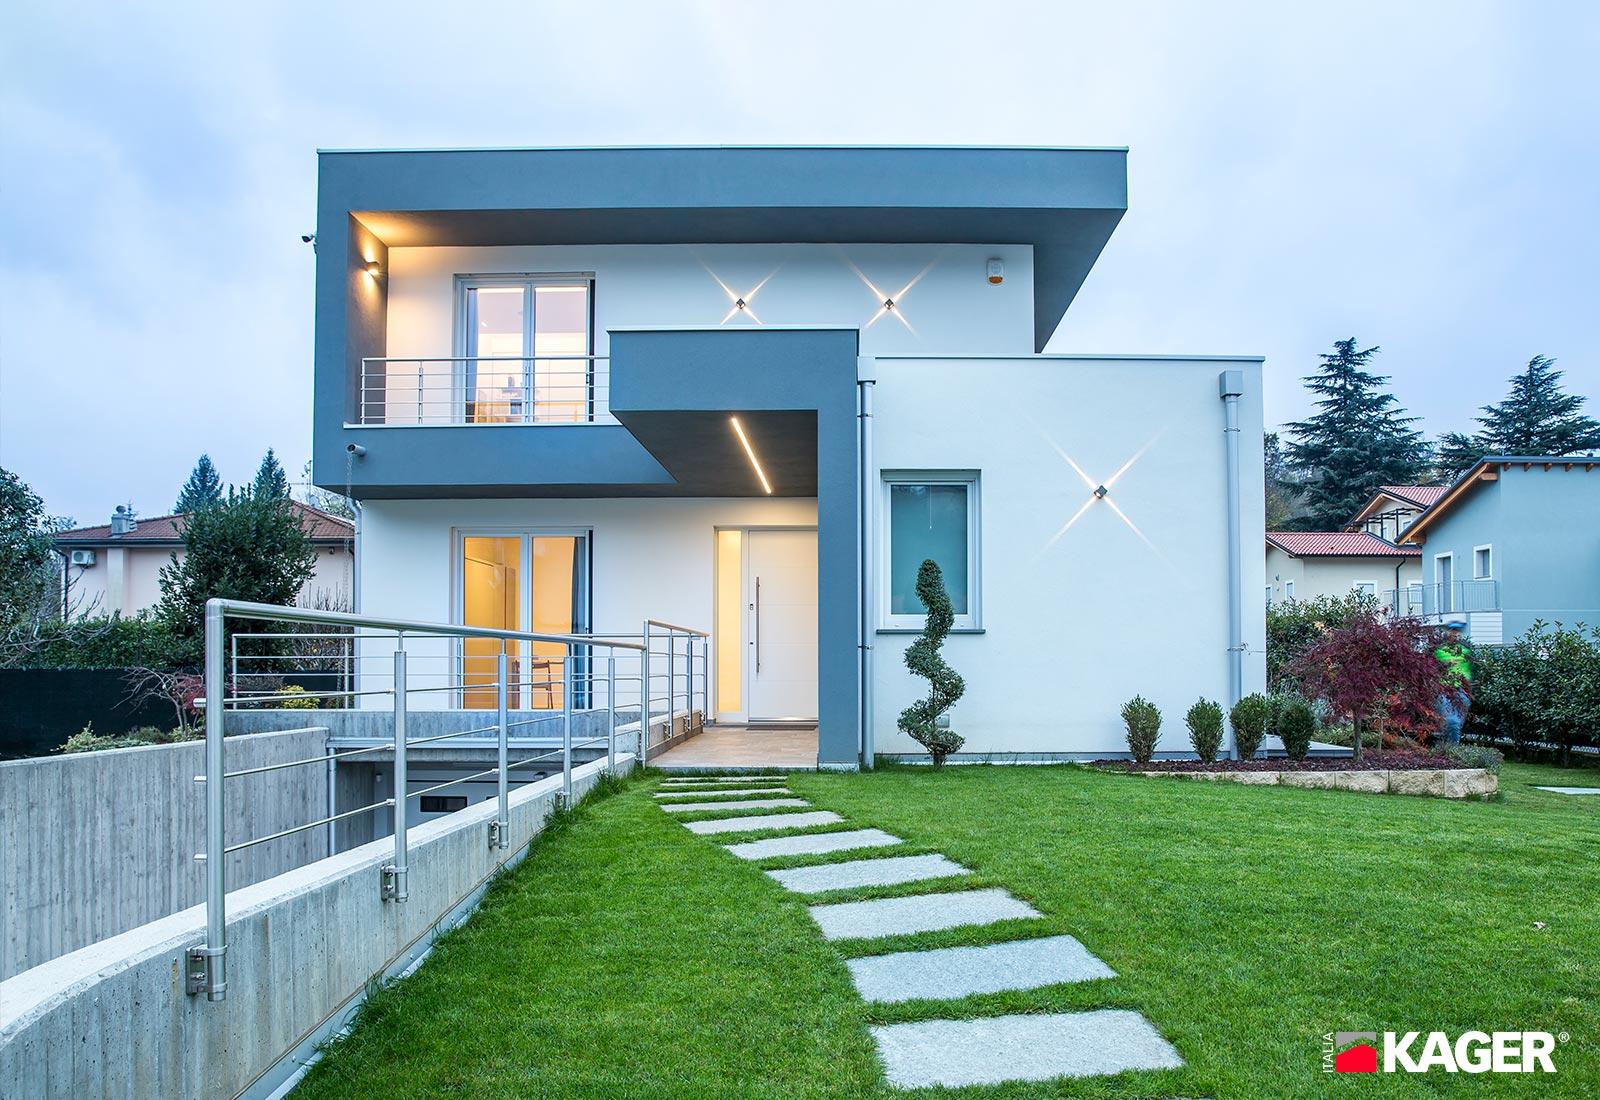 Casa-in-legno-Arcisate-Varese-Kager-Italia-05